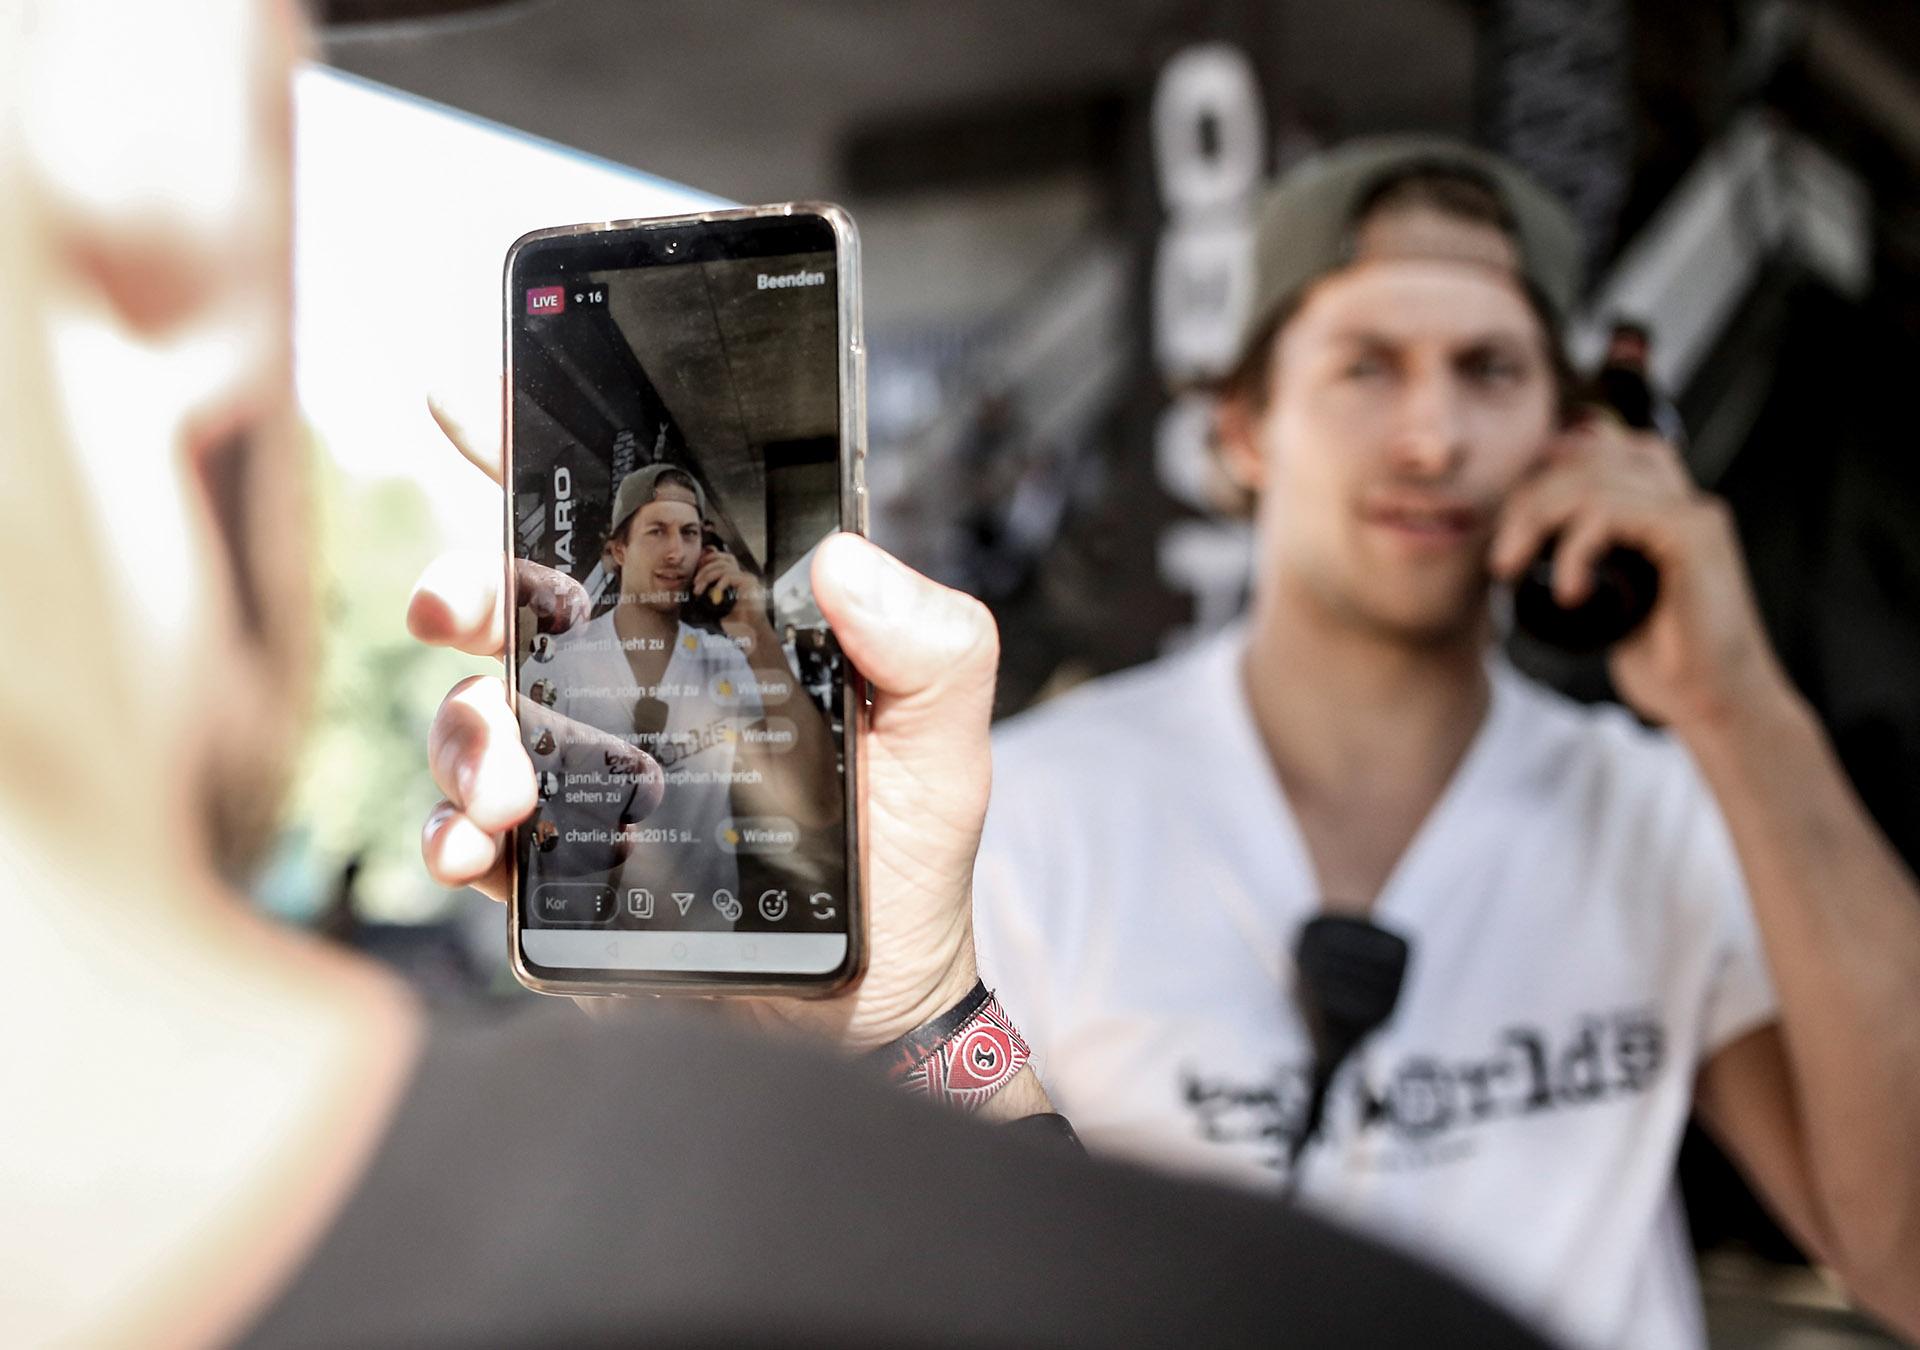 Matthias Dettki, der Social-Media-Beauftragte der BMX Worlds, ausnahmsweise mal auf der anderen Seite der KameraMatthias Dettki, der Social-Media-Beauftragte der BMX Worlds, ausnahmsweise mal auf der anderen Seite der Handykamera